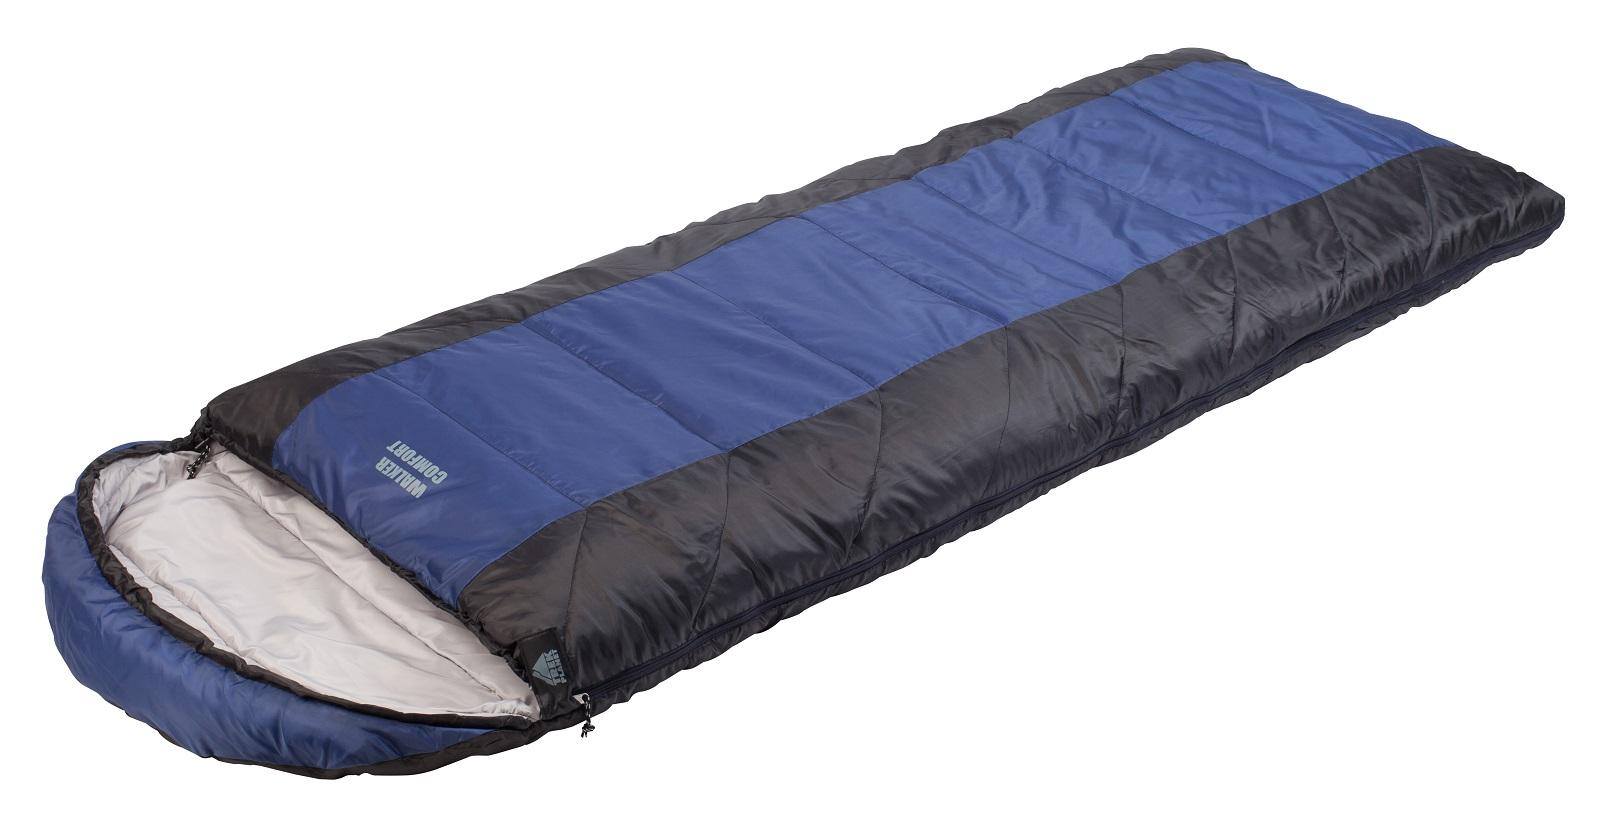 Спальник TREK PLANET Walker Comfort, цвет: темно-серый, синий, правосторонняя молния70384(н)-RКомфортный, просторный и теплый спальник-одеяло с капюшоном TREK PLANET Walker Comfort предназначен для походов и для отдыха на природе как в летнее время, так и в весенне-осенний период. Утеплен двумя слоями техничного 4-канального волокна Hollow Fiber. Внутренняя ткань: мягкий полиэстер (Pongee).Данная модель имеет возможность состегивания спальников между собой.Для этого вам необходимо приобрести спальник с правой и с левой молнией. Особенности:Глубокий удобный капюшон,4-канальный наполнитель Hollow Fiber,Внешний материал: полиэстер,Внутренняя ткань: мягкий полиэстер (Pongee),Молния имеет два замка с обеих сторон,Термоклапан вдоль молнии,Внутренний карман,Возможно состегивание спальников между собой,К спальнику прилагается чехол для удобного хранения и переноски.